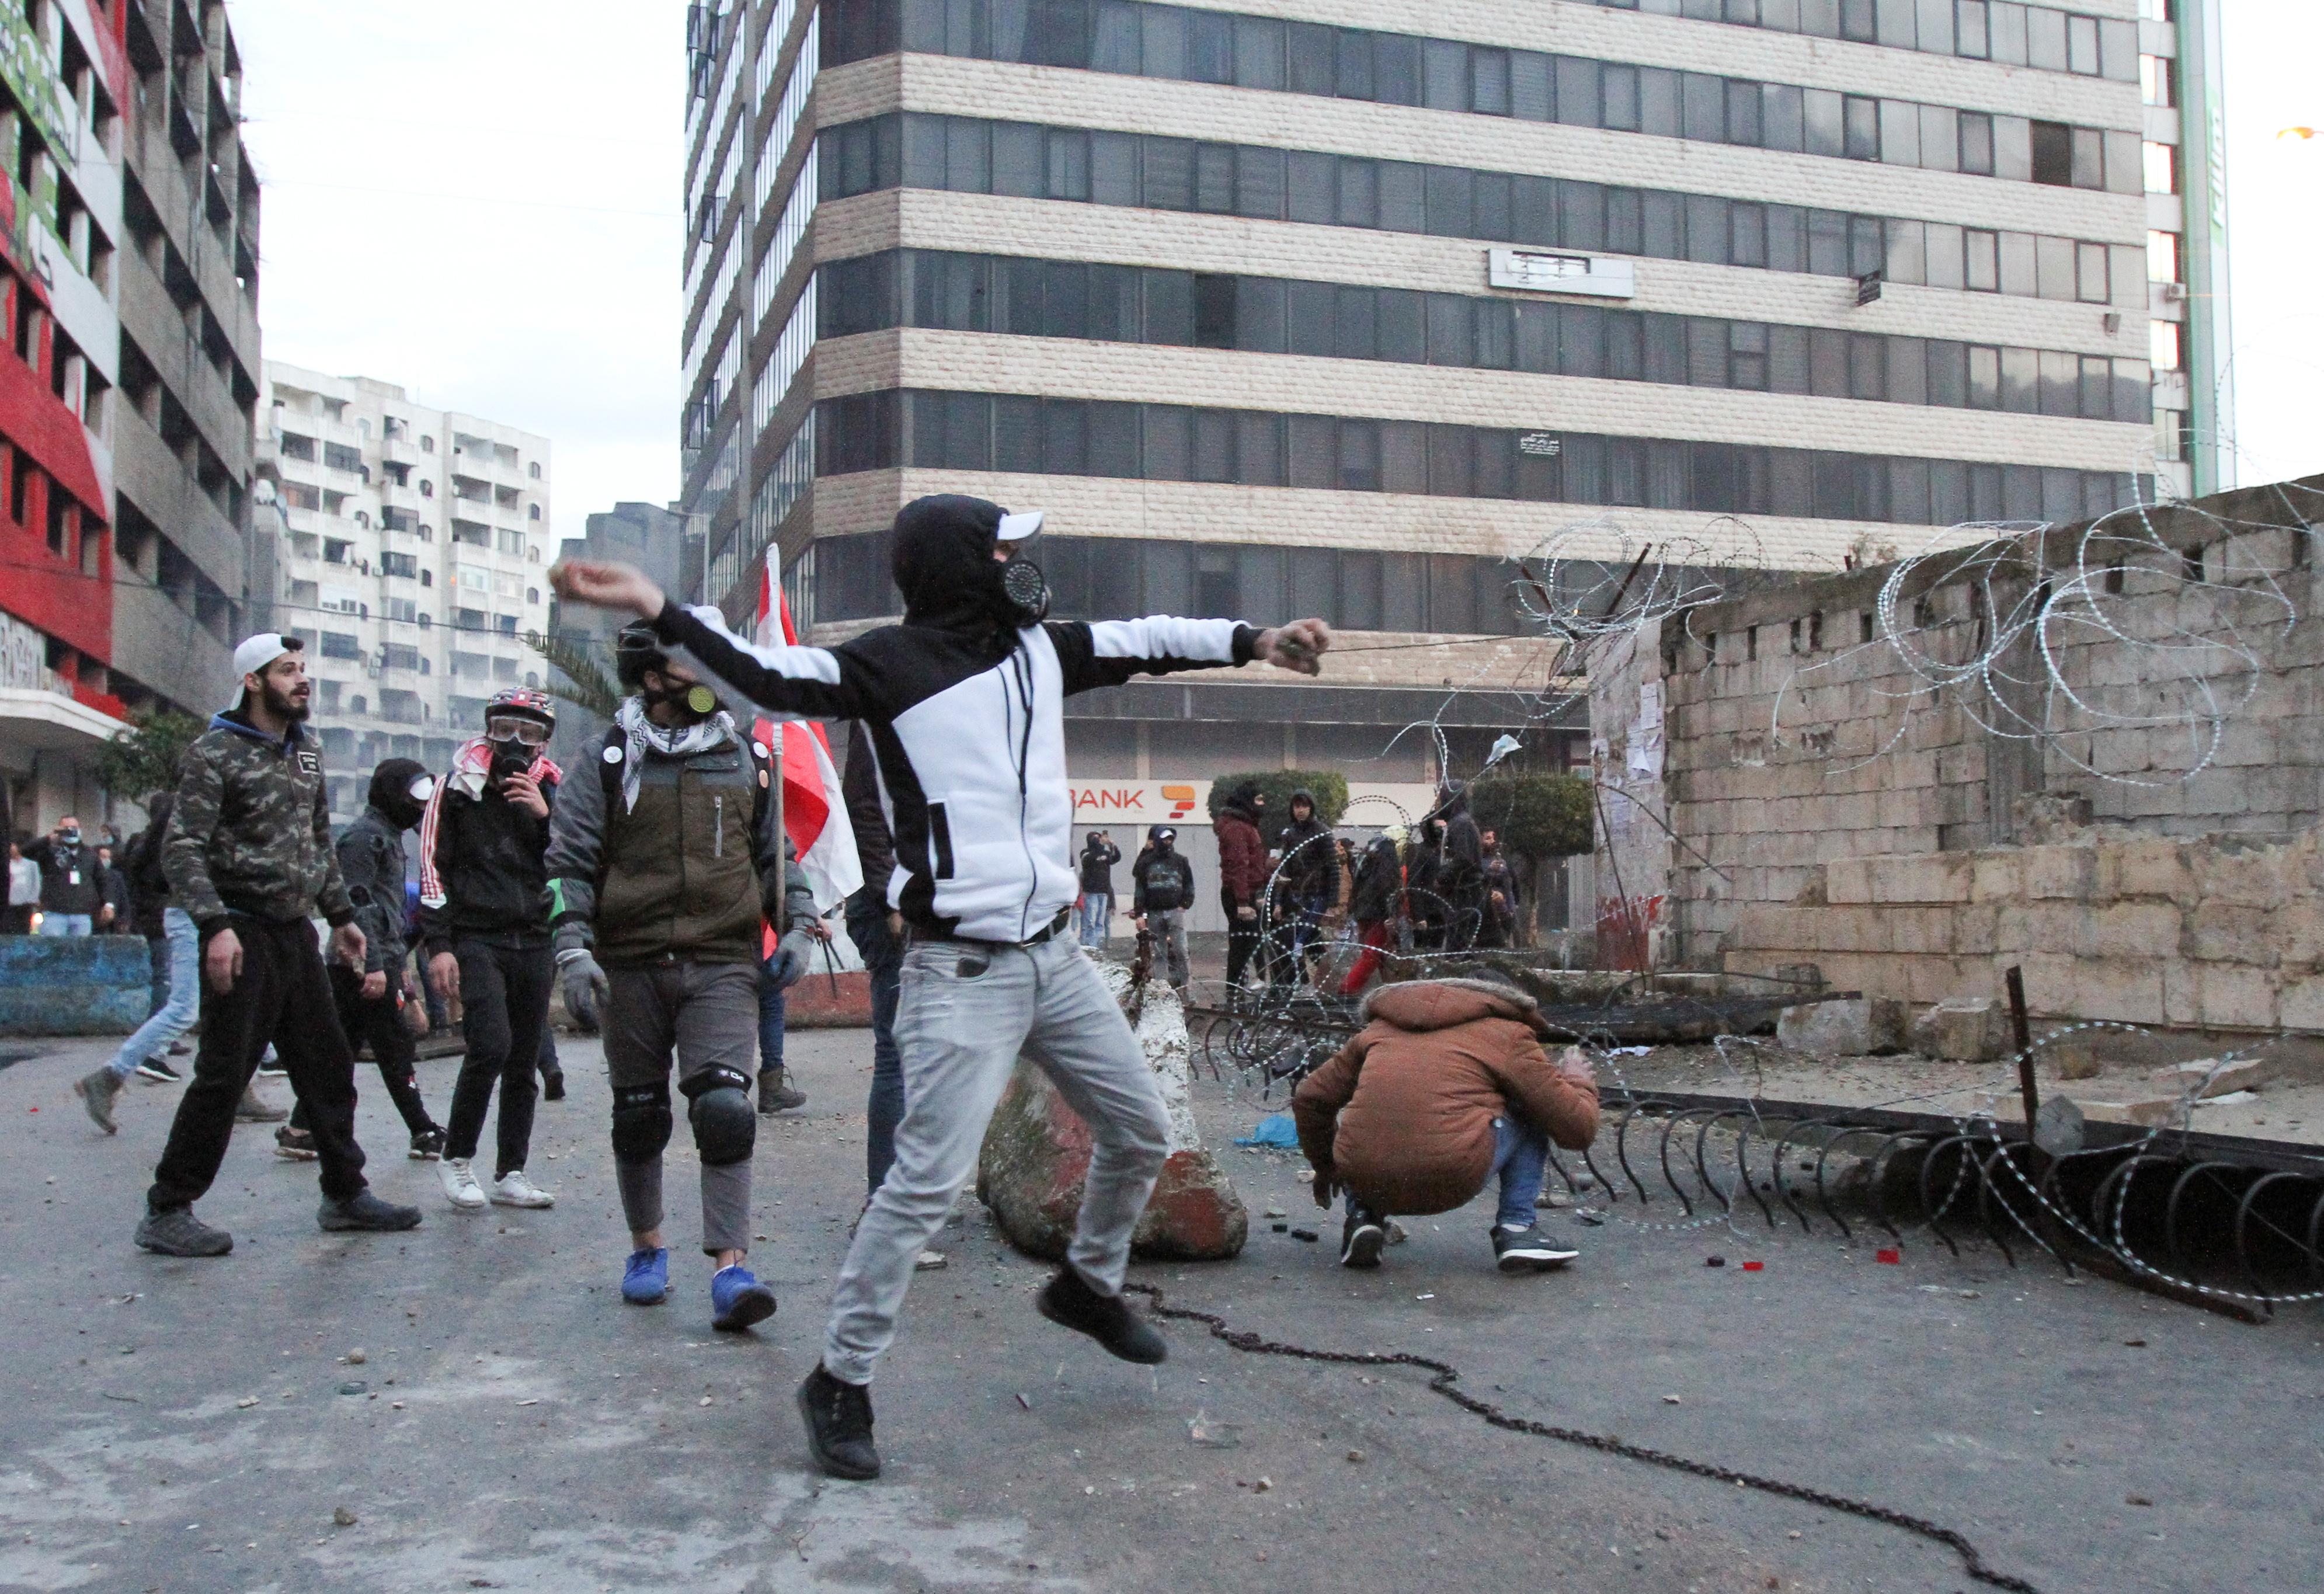 بعض المتظاهرين هاجموا مباني حكومية واشتبكوا مع عناصر الأمن